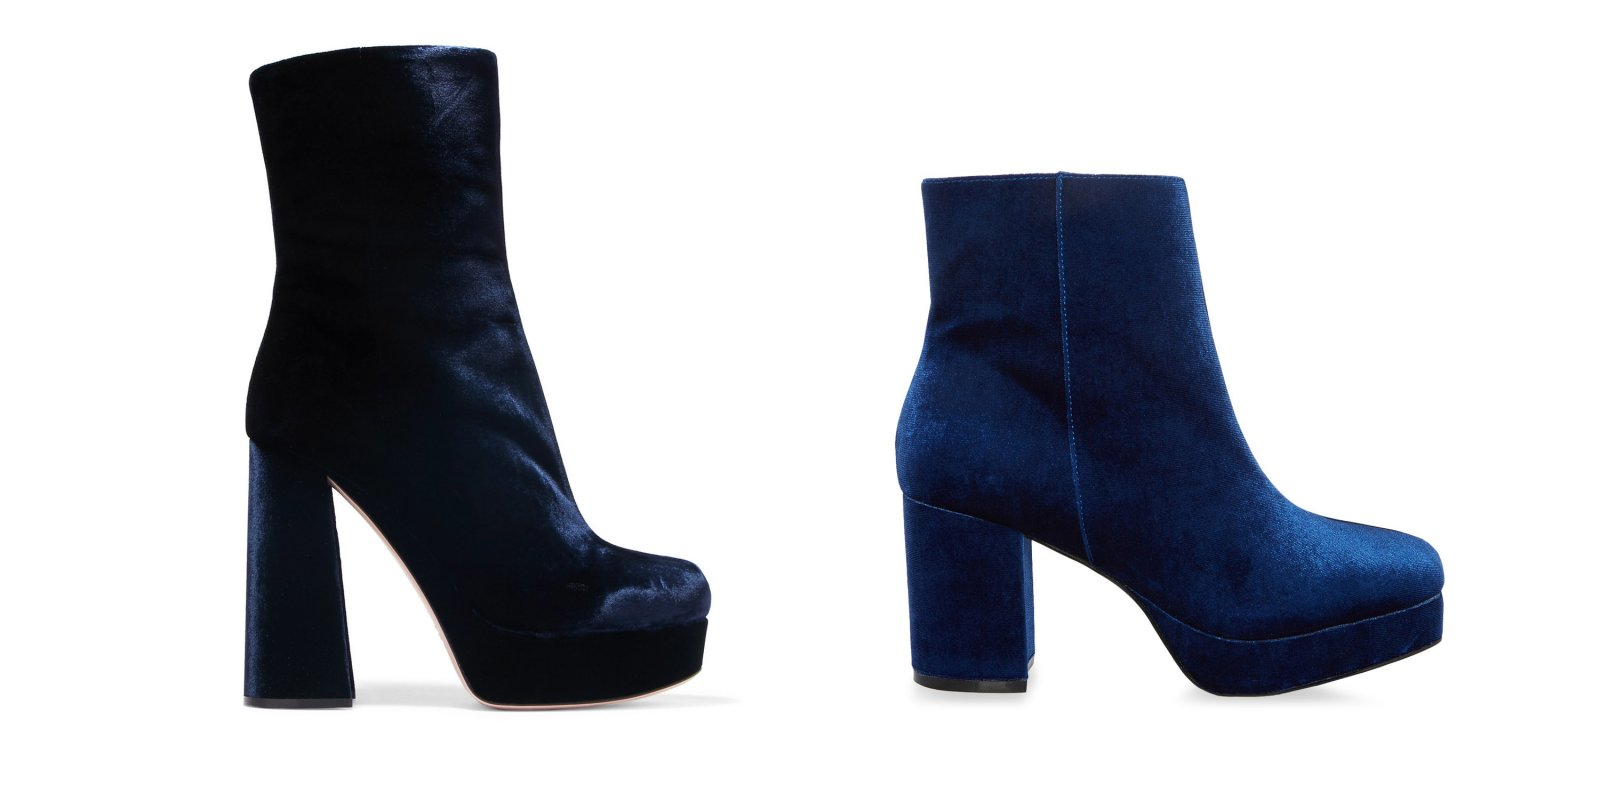 Los botines de terciopelo azul de Miu Miu vs. el diseño 'low-cost' de Primark